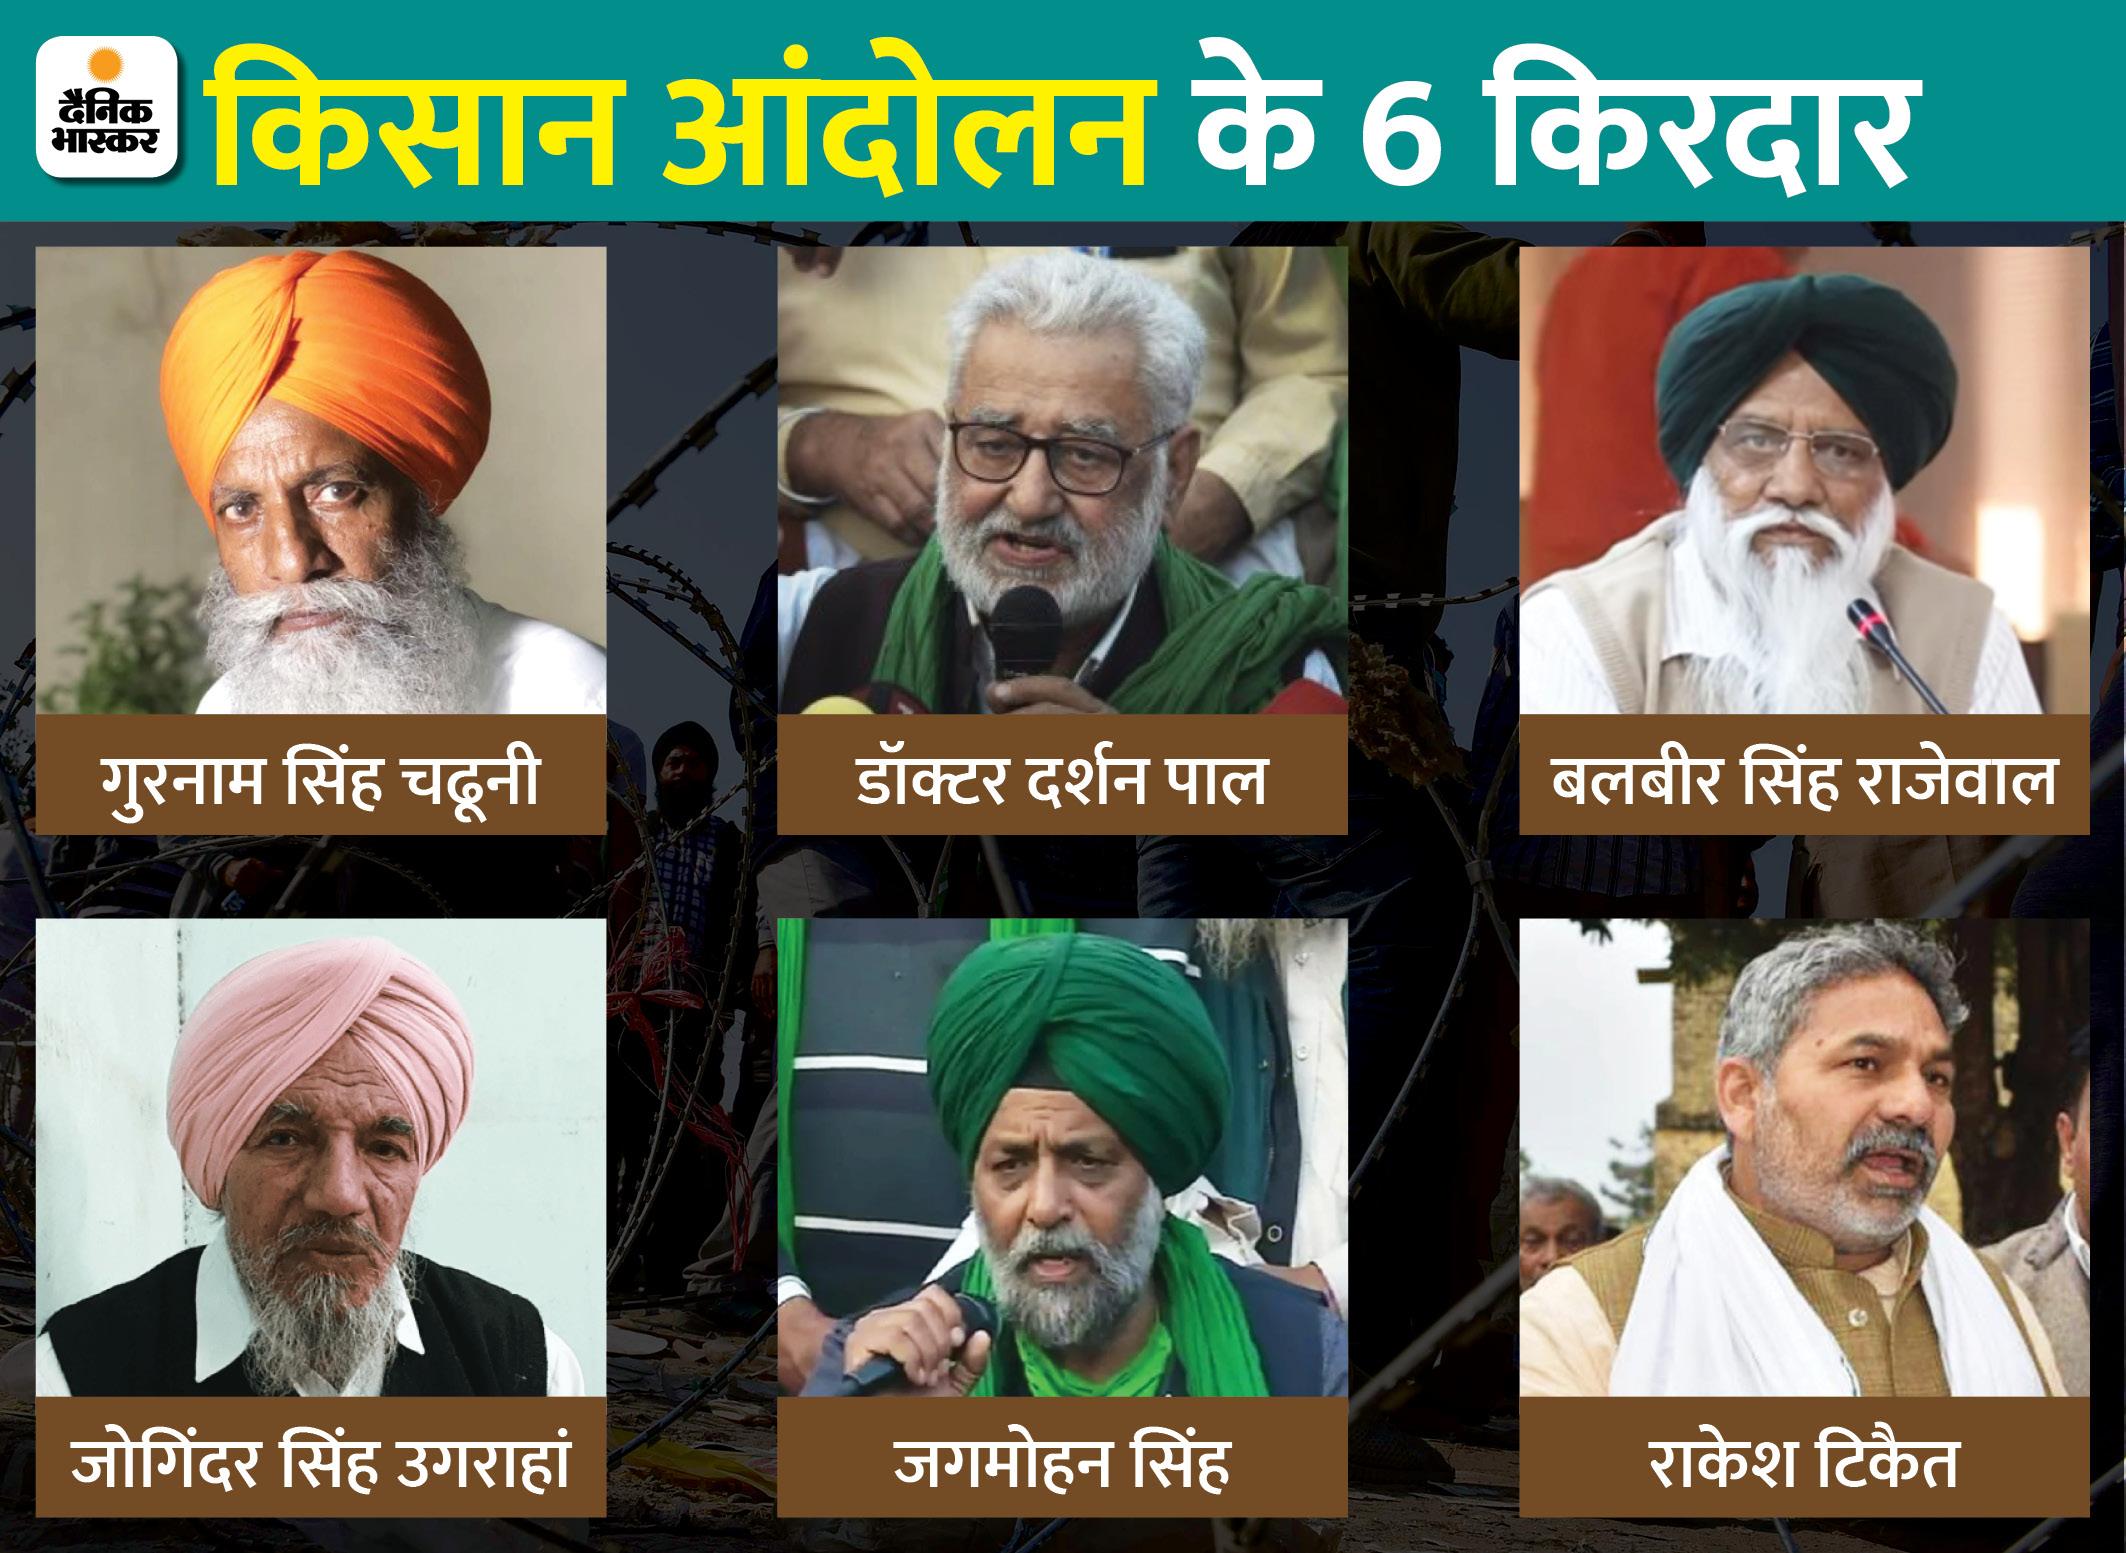 सरकार का सिरदर्द बने किसान आंदोलन के 6 अहम किरदारों से मिलिए, कोई फौजी रहा तो कोई डॉक्टर|DB ओरिजिनल,DB Original - Dainik Bhaskar